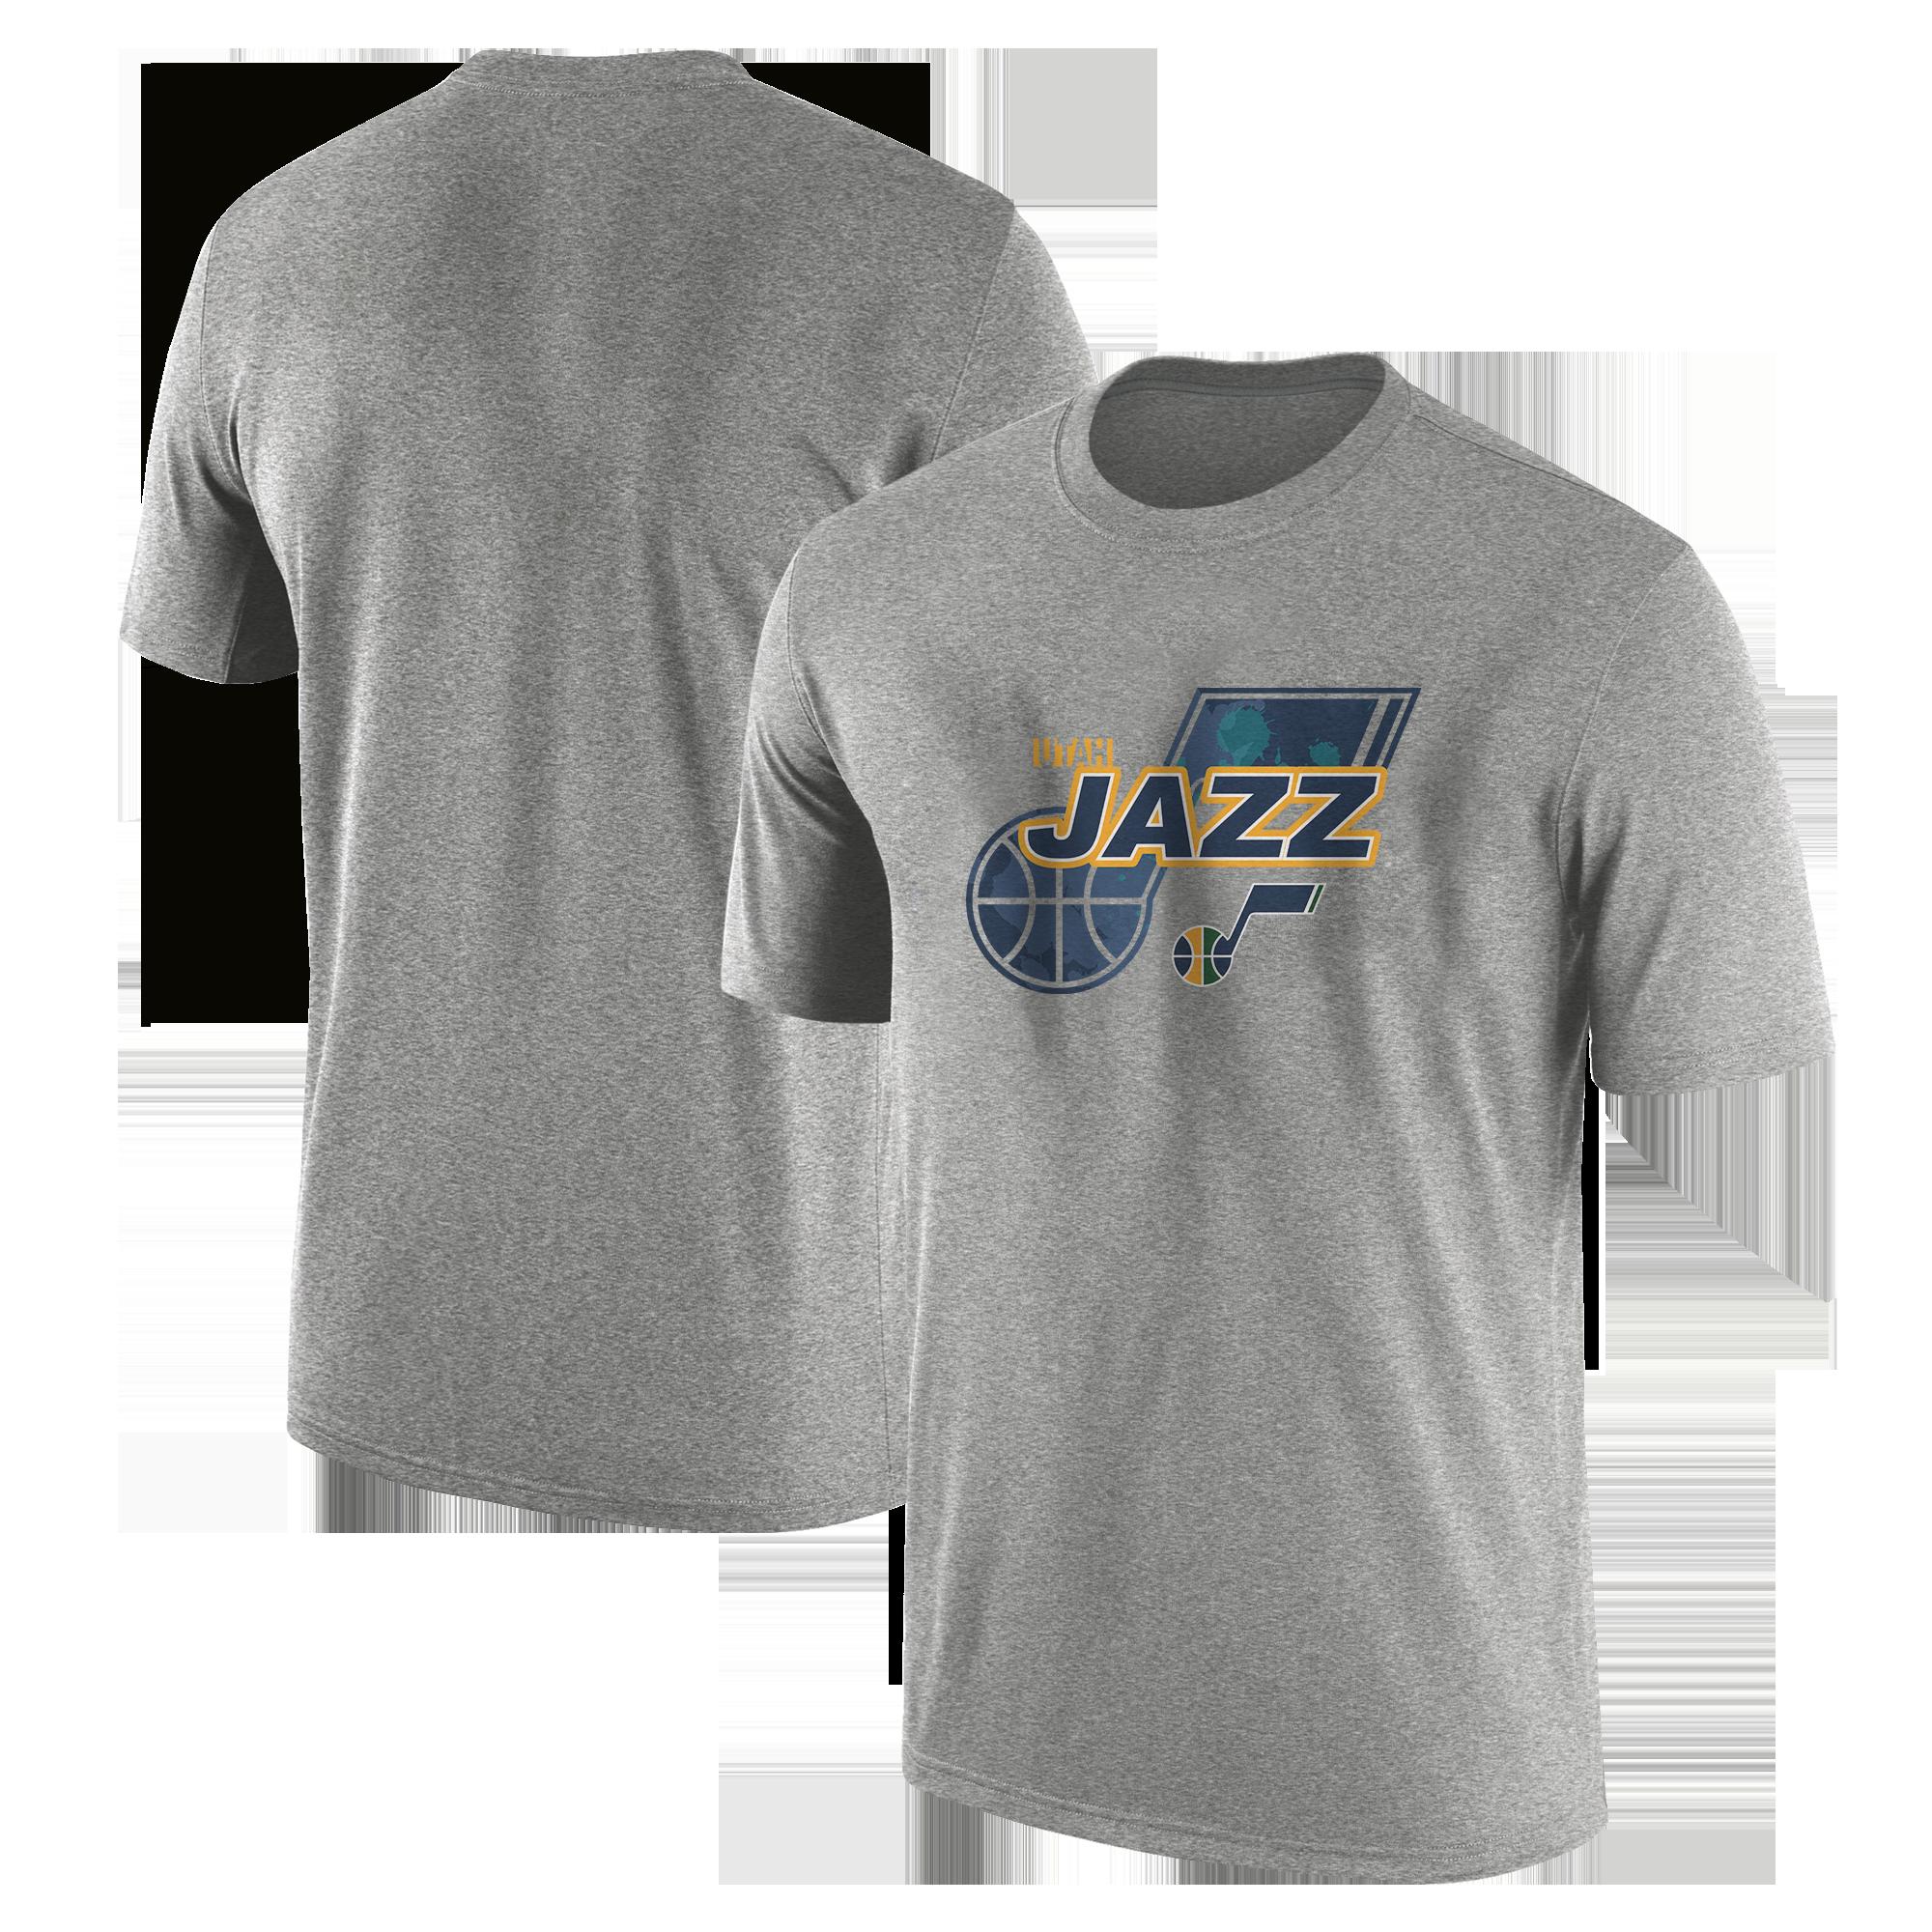 Utah Jazz  Tshirt (TSH-GRY-NP-200-NBA-UTH-LOGO)